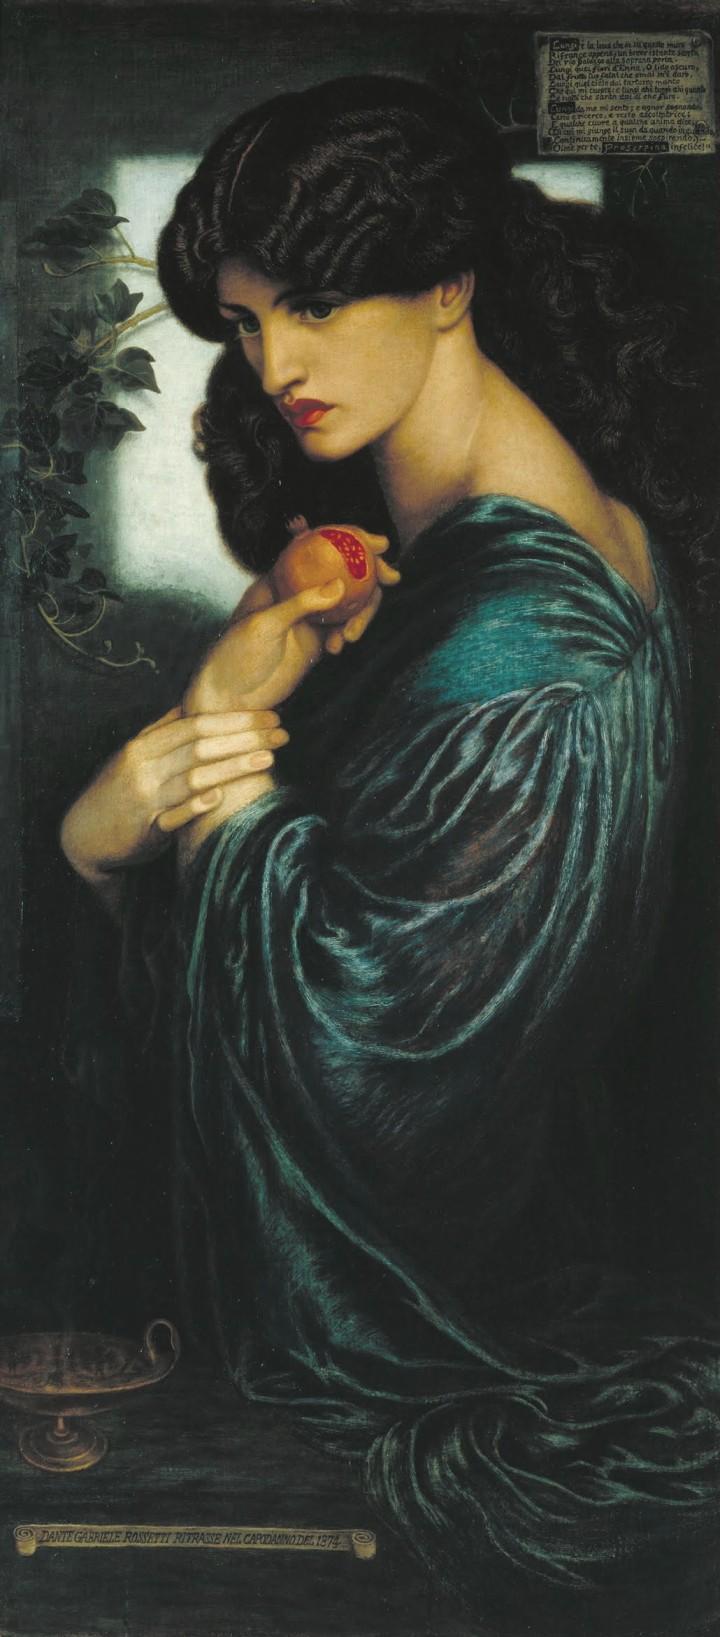 Dante Gabriel Rossetti, Proserpine (1874)